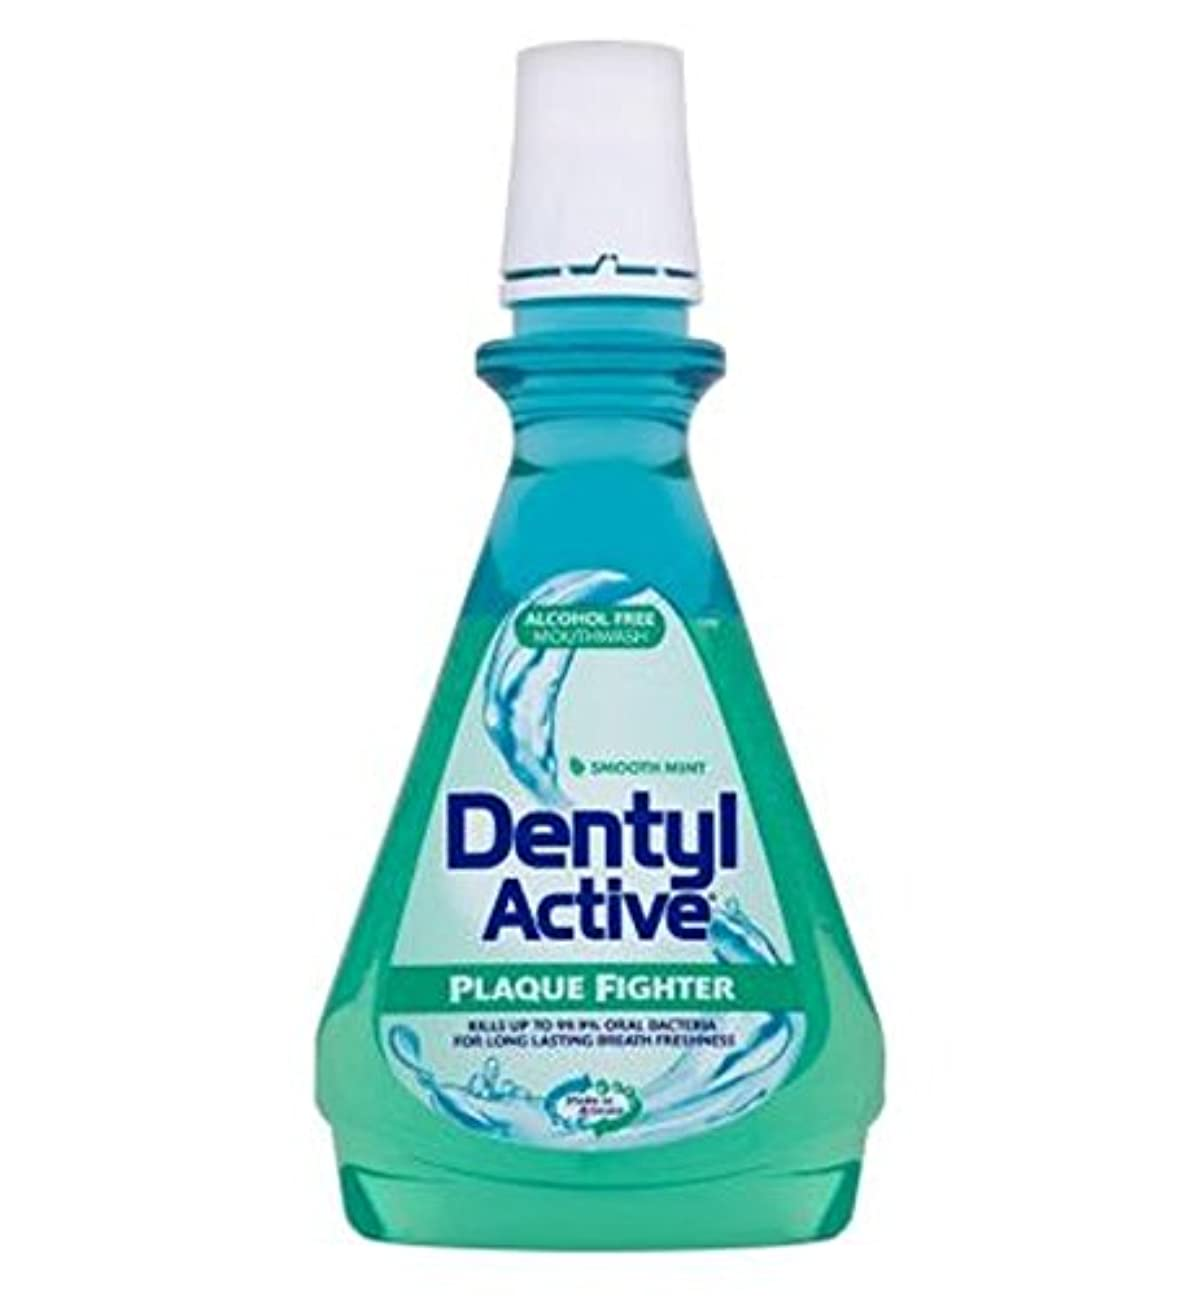 成人期欠乏夜間Dentylアクティブな滑らかなミントマウスウォッシュ500ミリリットル (Dentyl) (x2) - Dentyl Active Smooth Mint Mouthwash 500ml (Pack of 2) [並行輸入品]